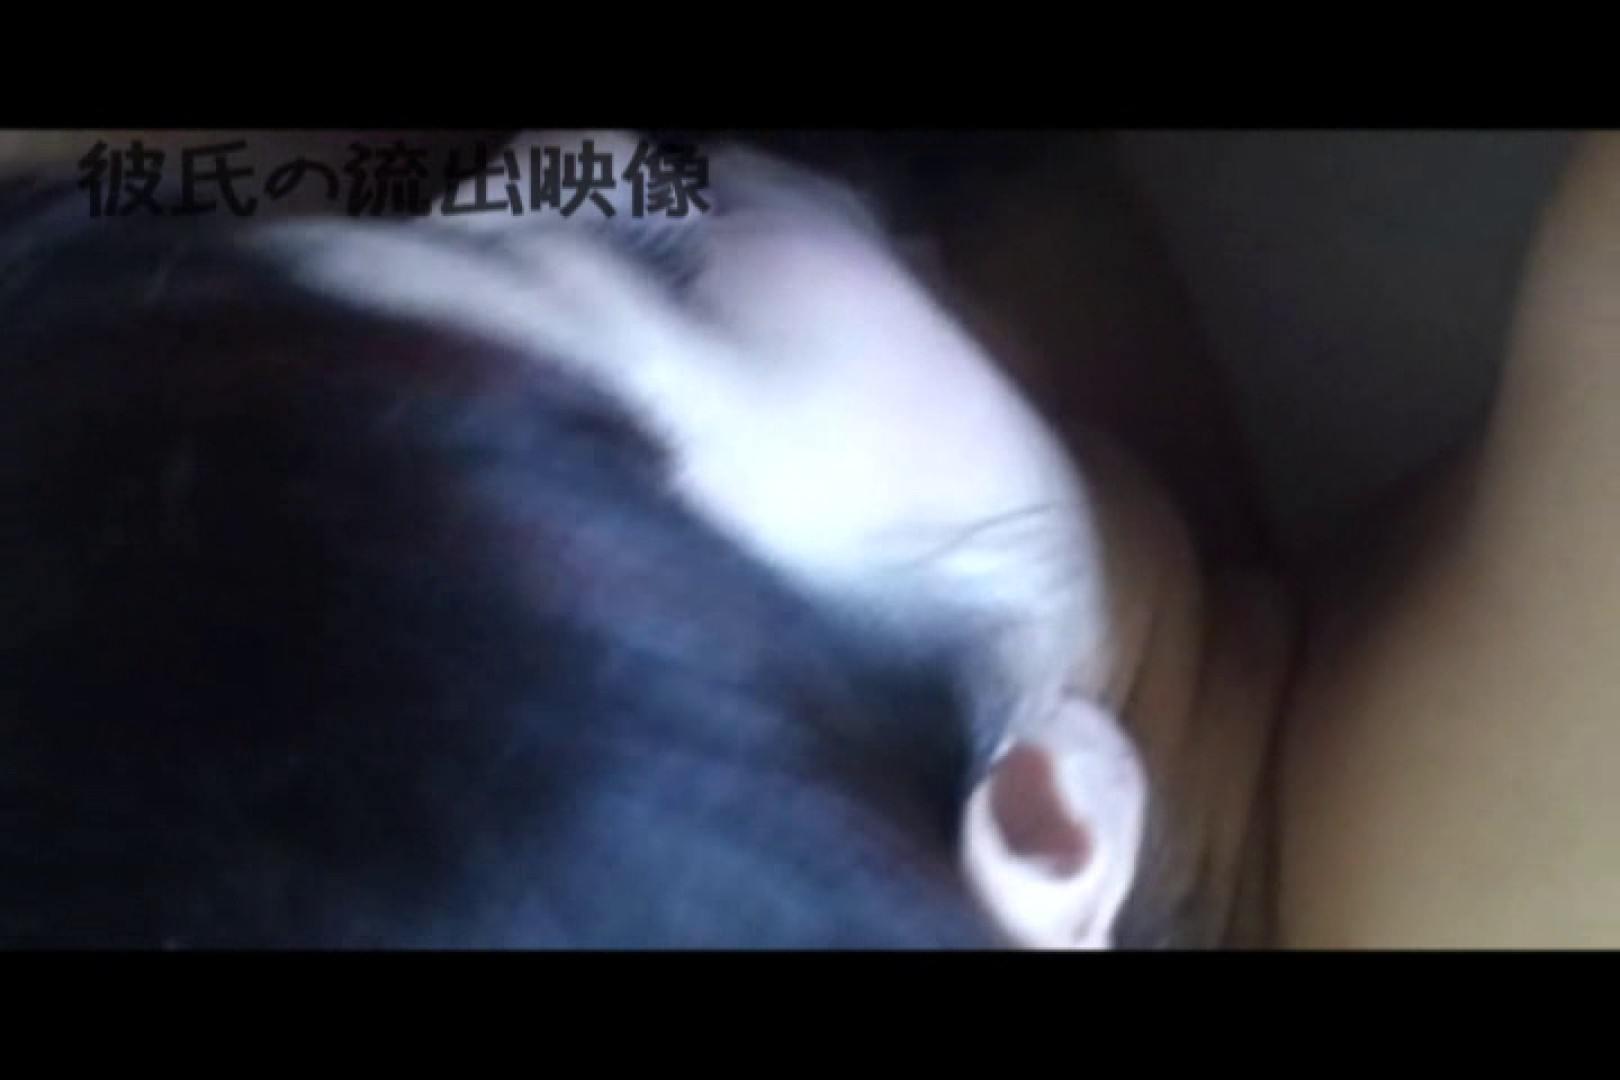 彼氏が流出 パイパン素人嬢のハメ撮り映像03 カップル | 可愛いパイパン  92pic 88